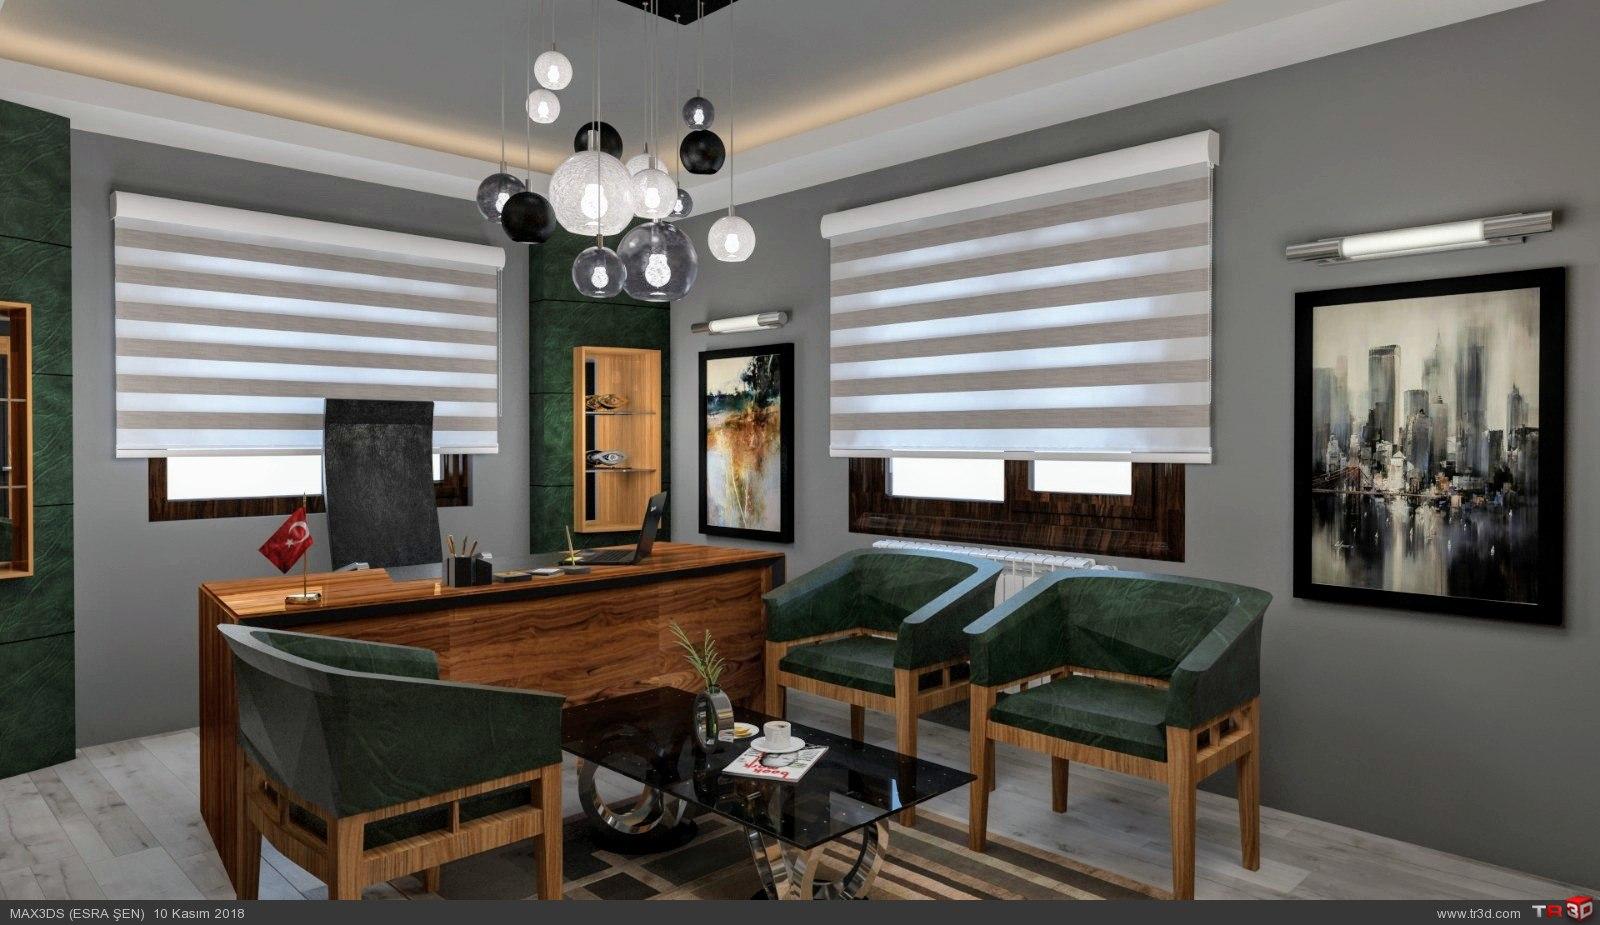 Ofis Tasarımı 2